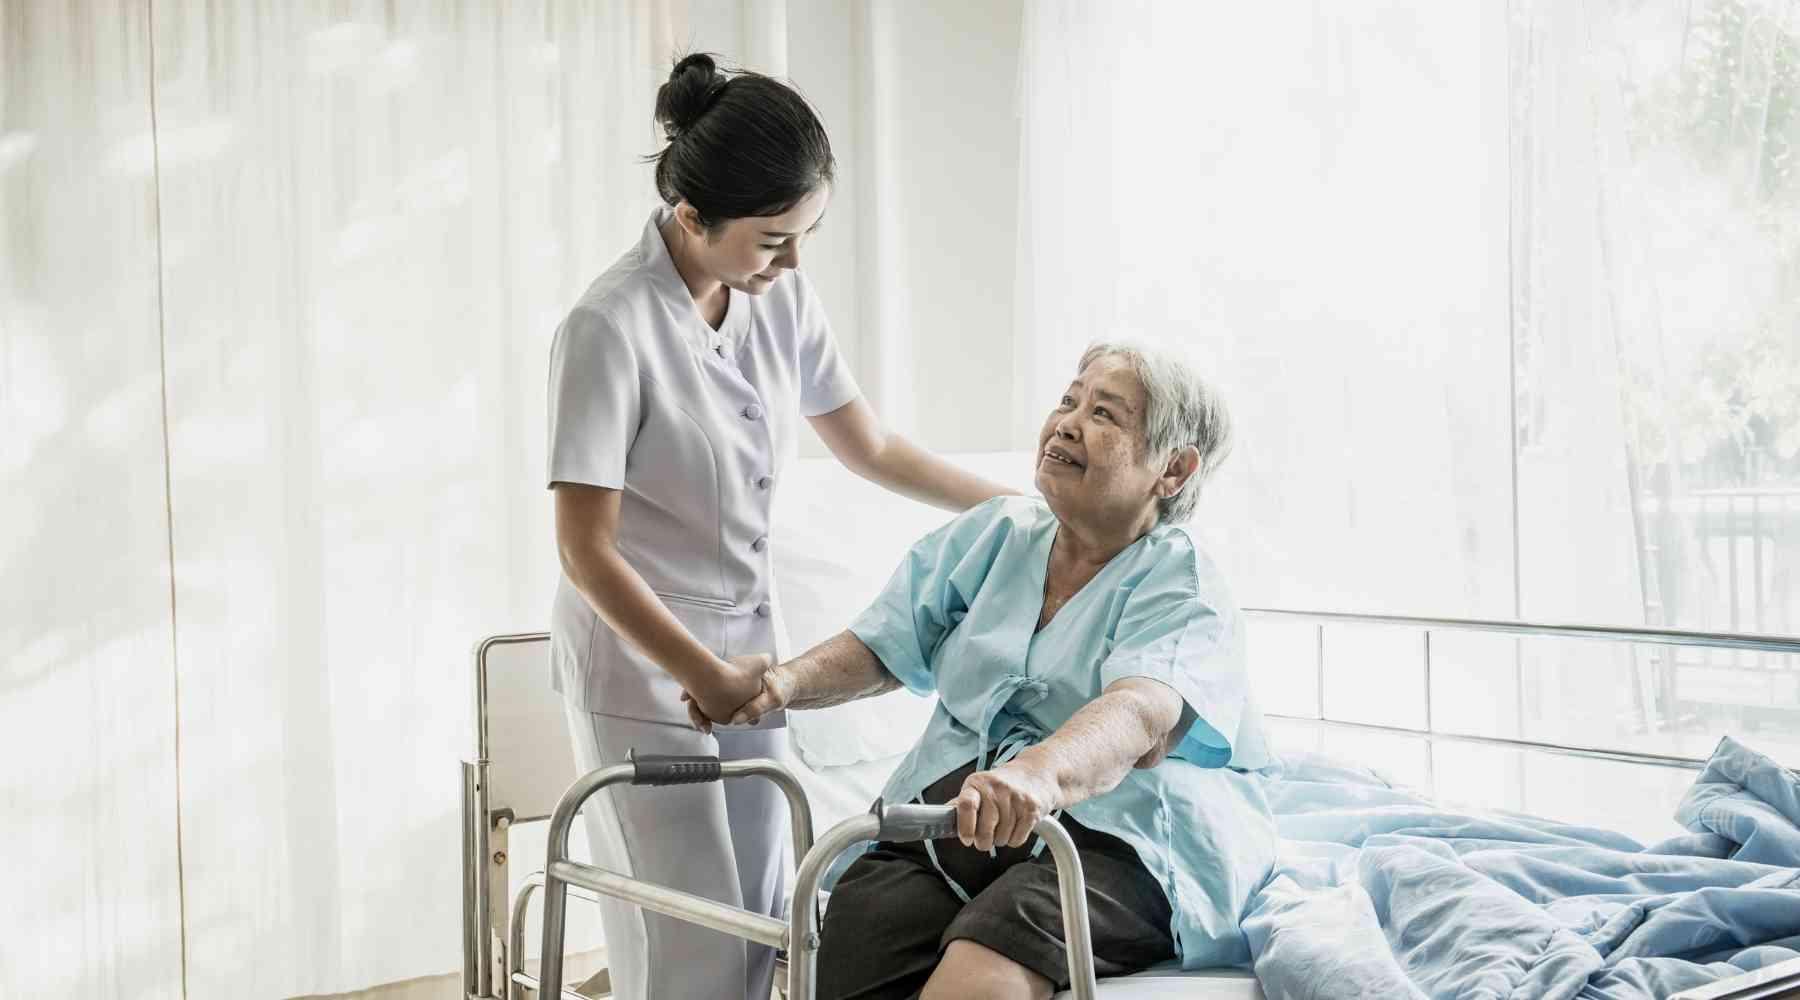 Best Side Hustles for Nurses - Caregiver